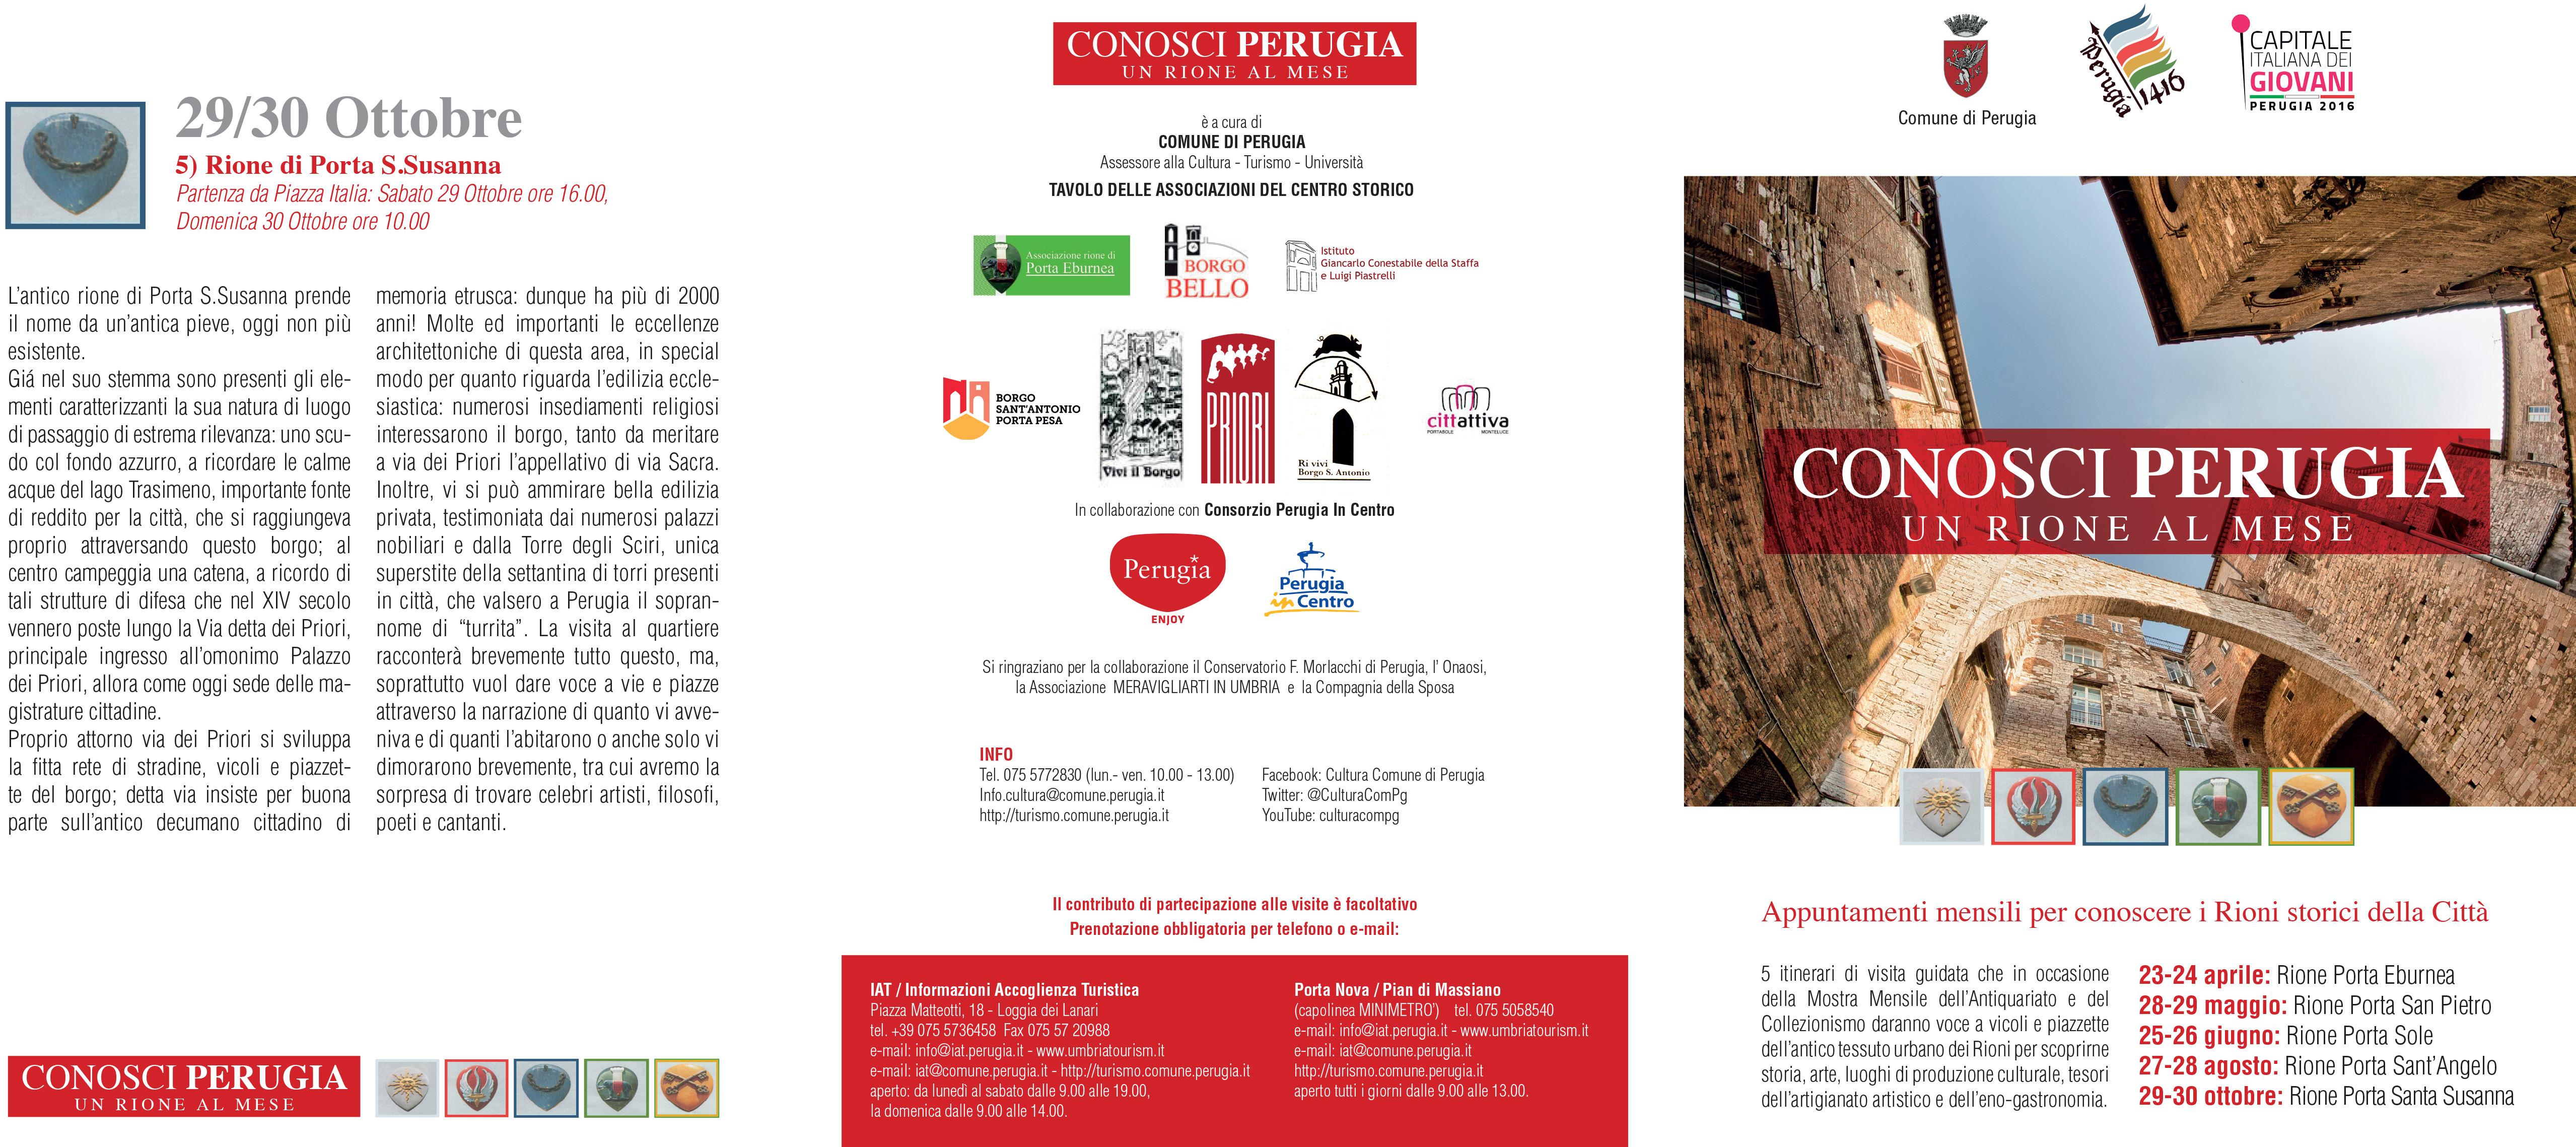 Conosci Perugia 02.indd